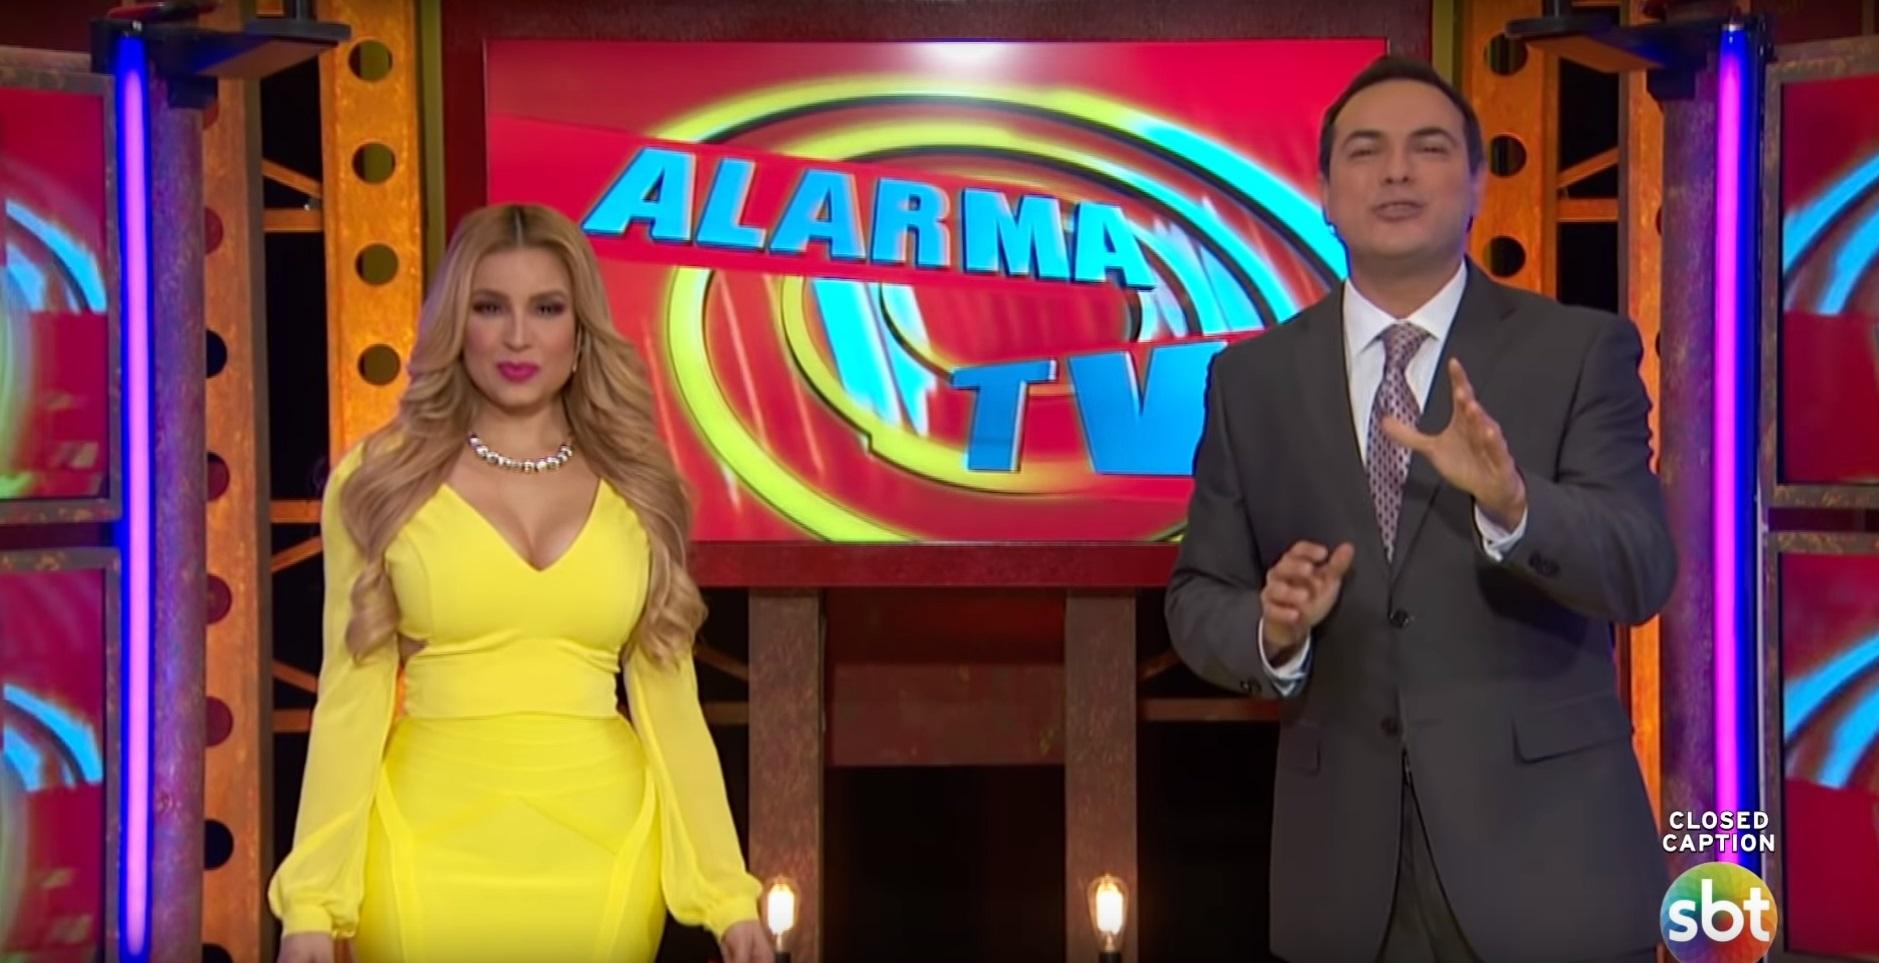 O Alarma TV é considerado o programa mais violento do mundo (foto: Reprodução/SBT)